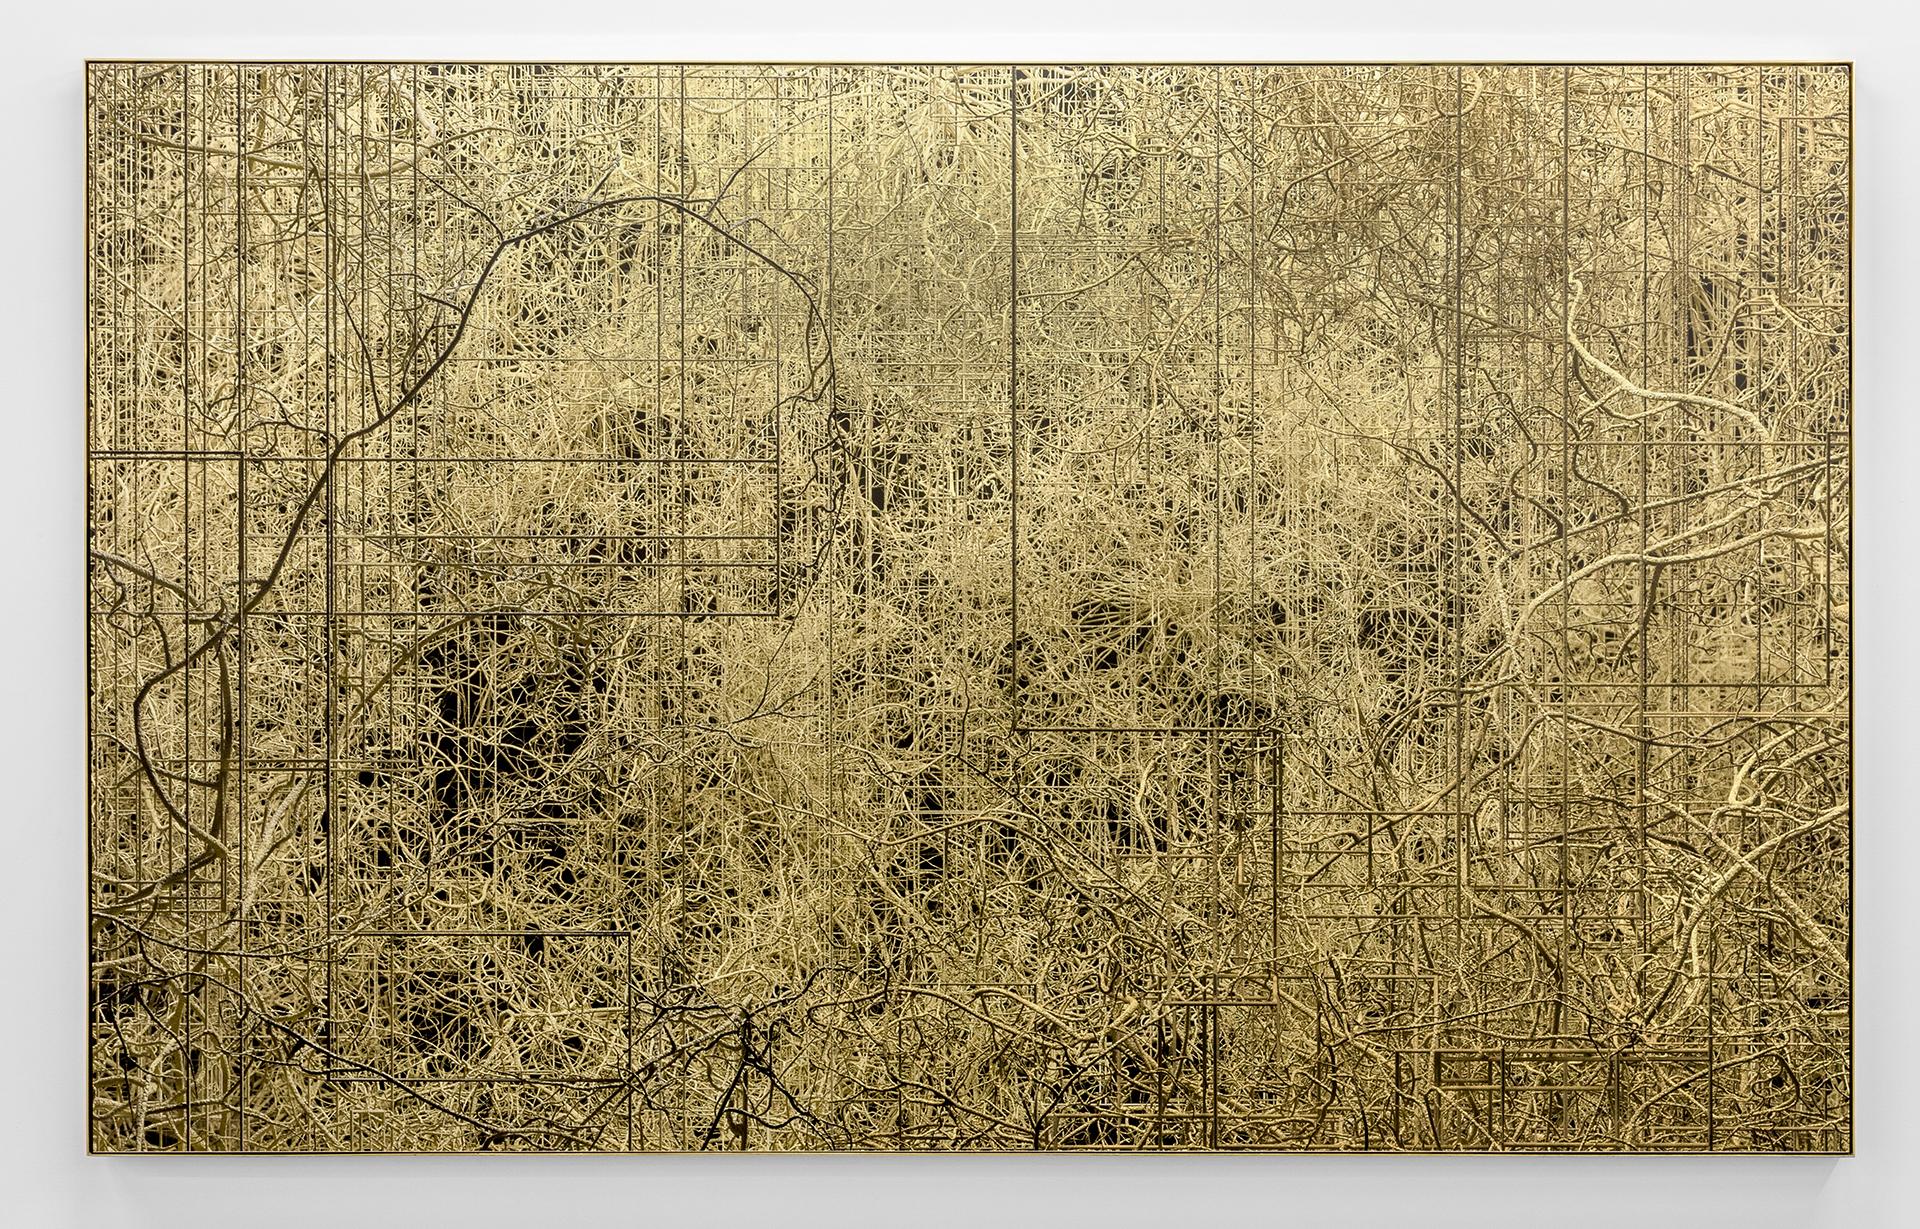 Connectifs, 2017 Impression au jet d'encre, acrylique, acier 147 x 239 cm